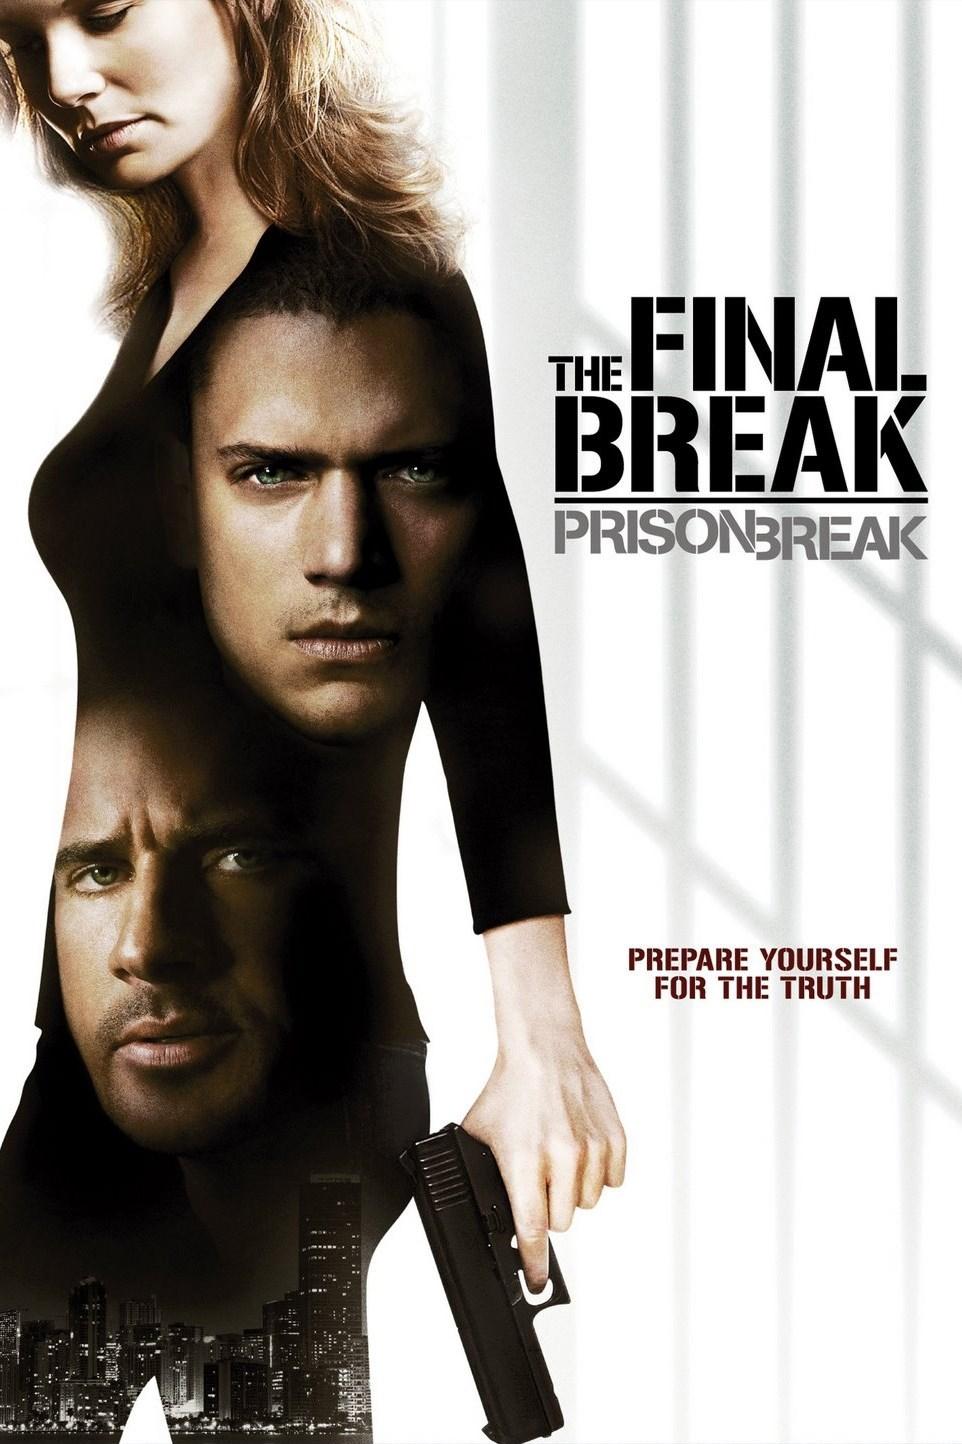 Prison Break: The Final Break 2009 - Full (HD)